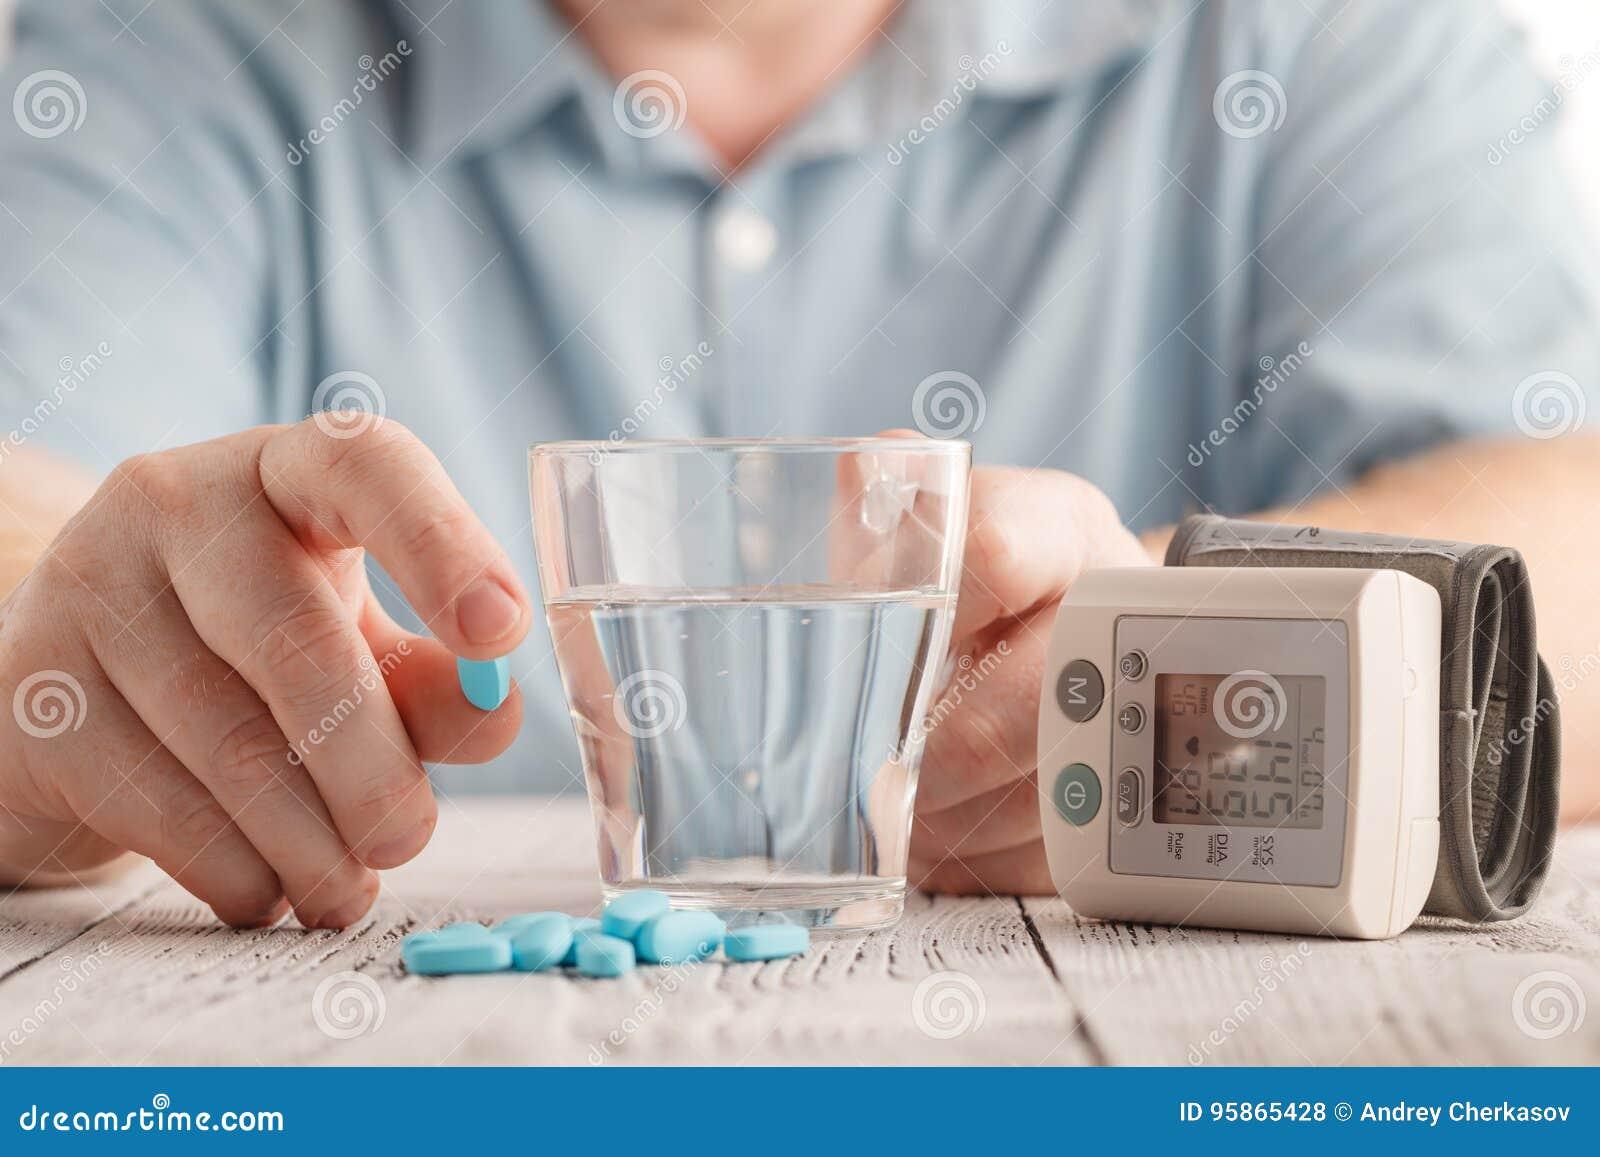 Comprimidos médicos contra a hipertensão à disposição, equipamento para a pressão sanguínea de medição